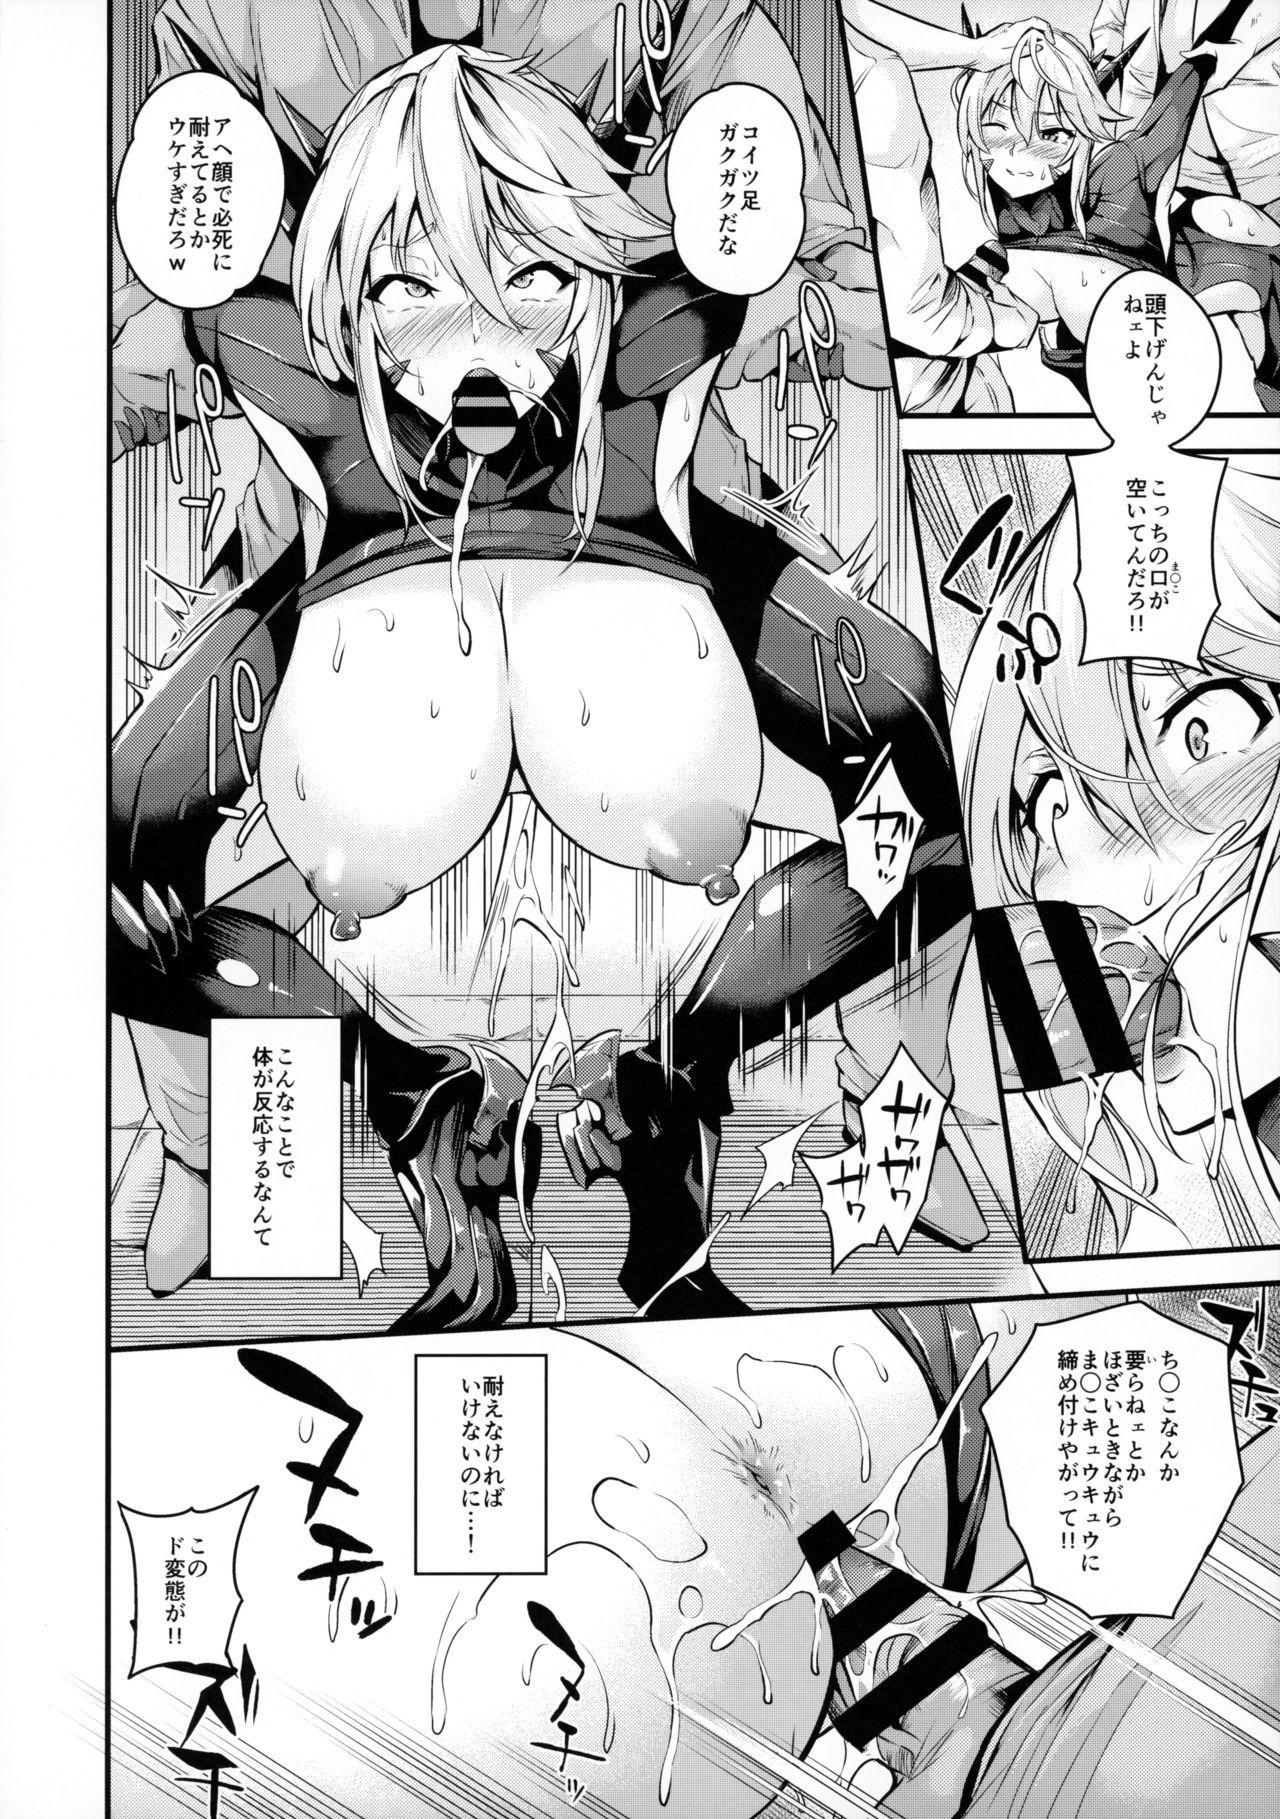 Chichiue ga Buzama Haiboku Shita Hi 27